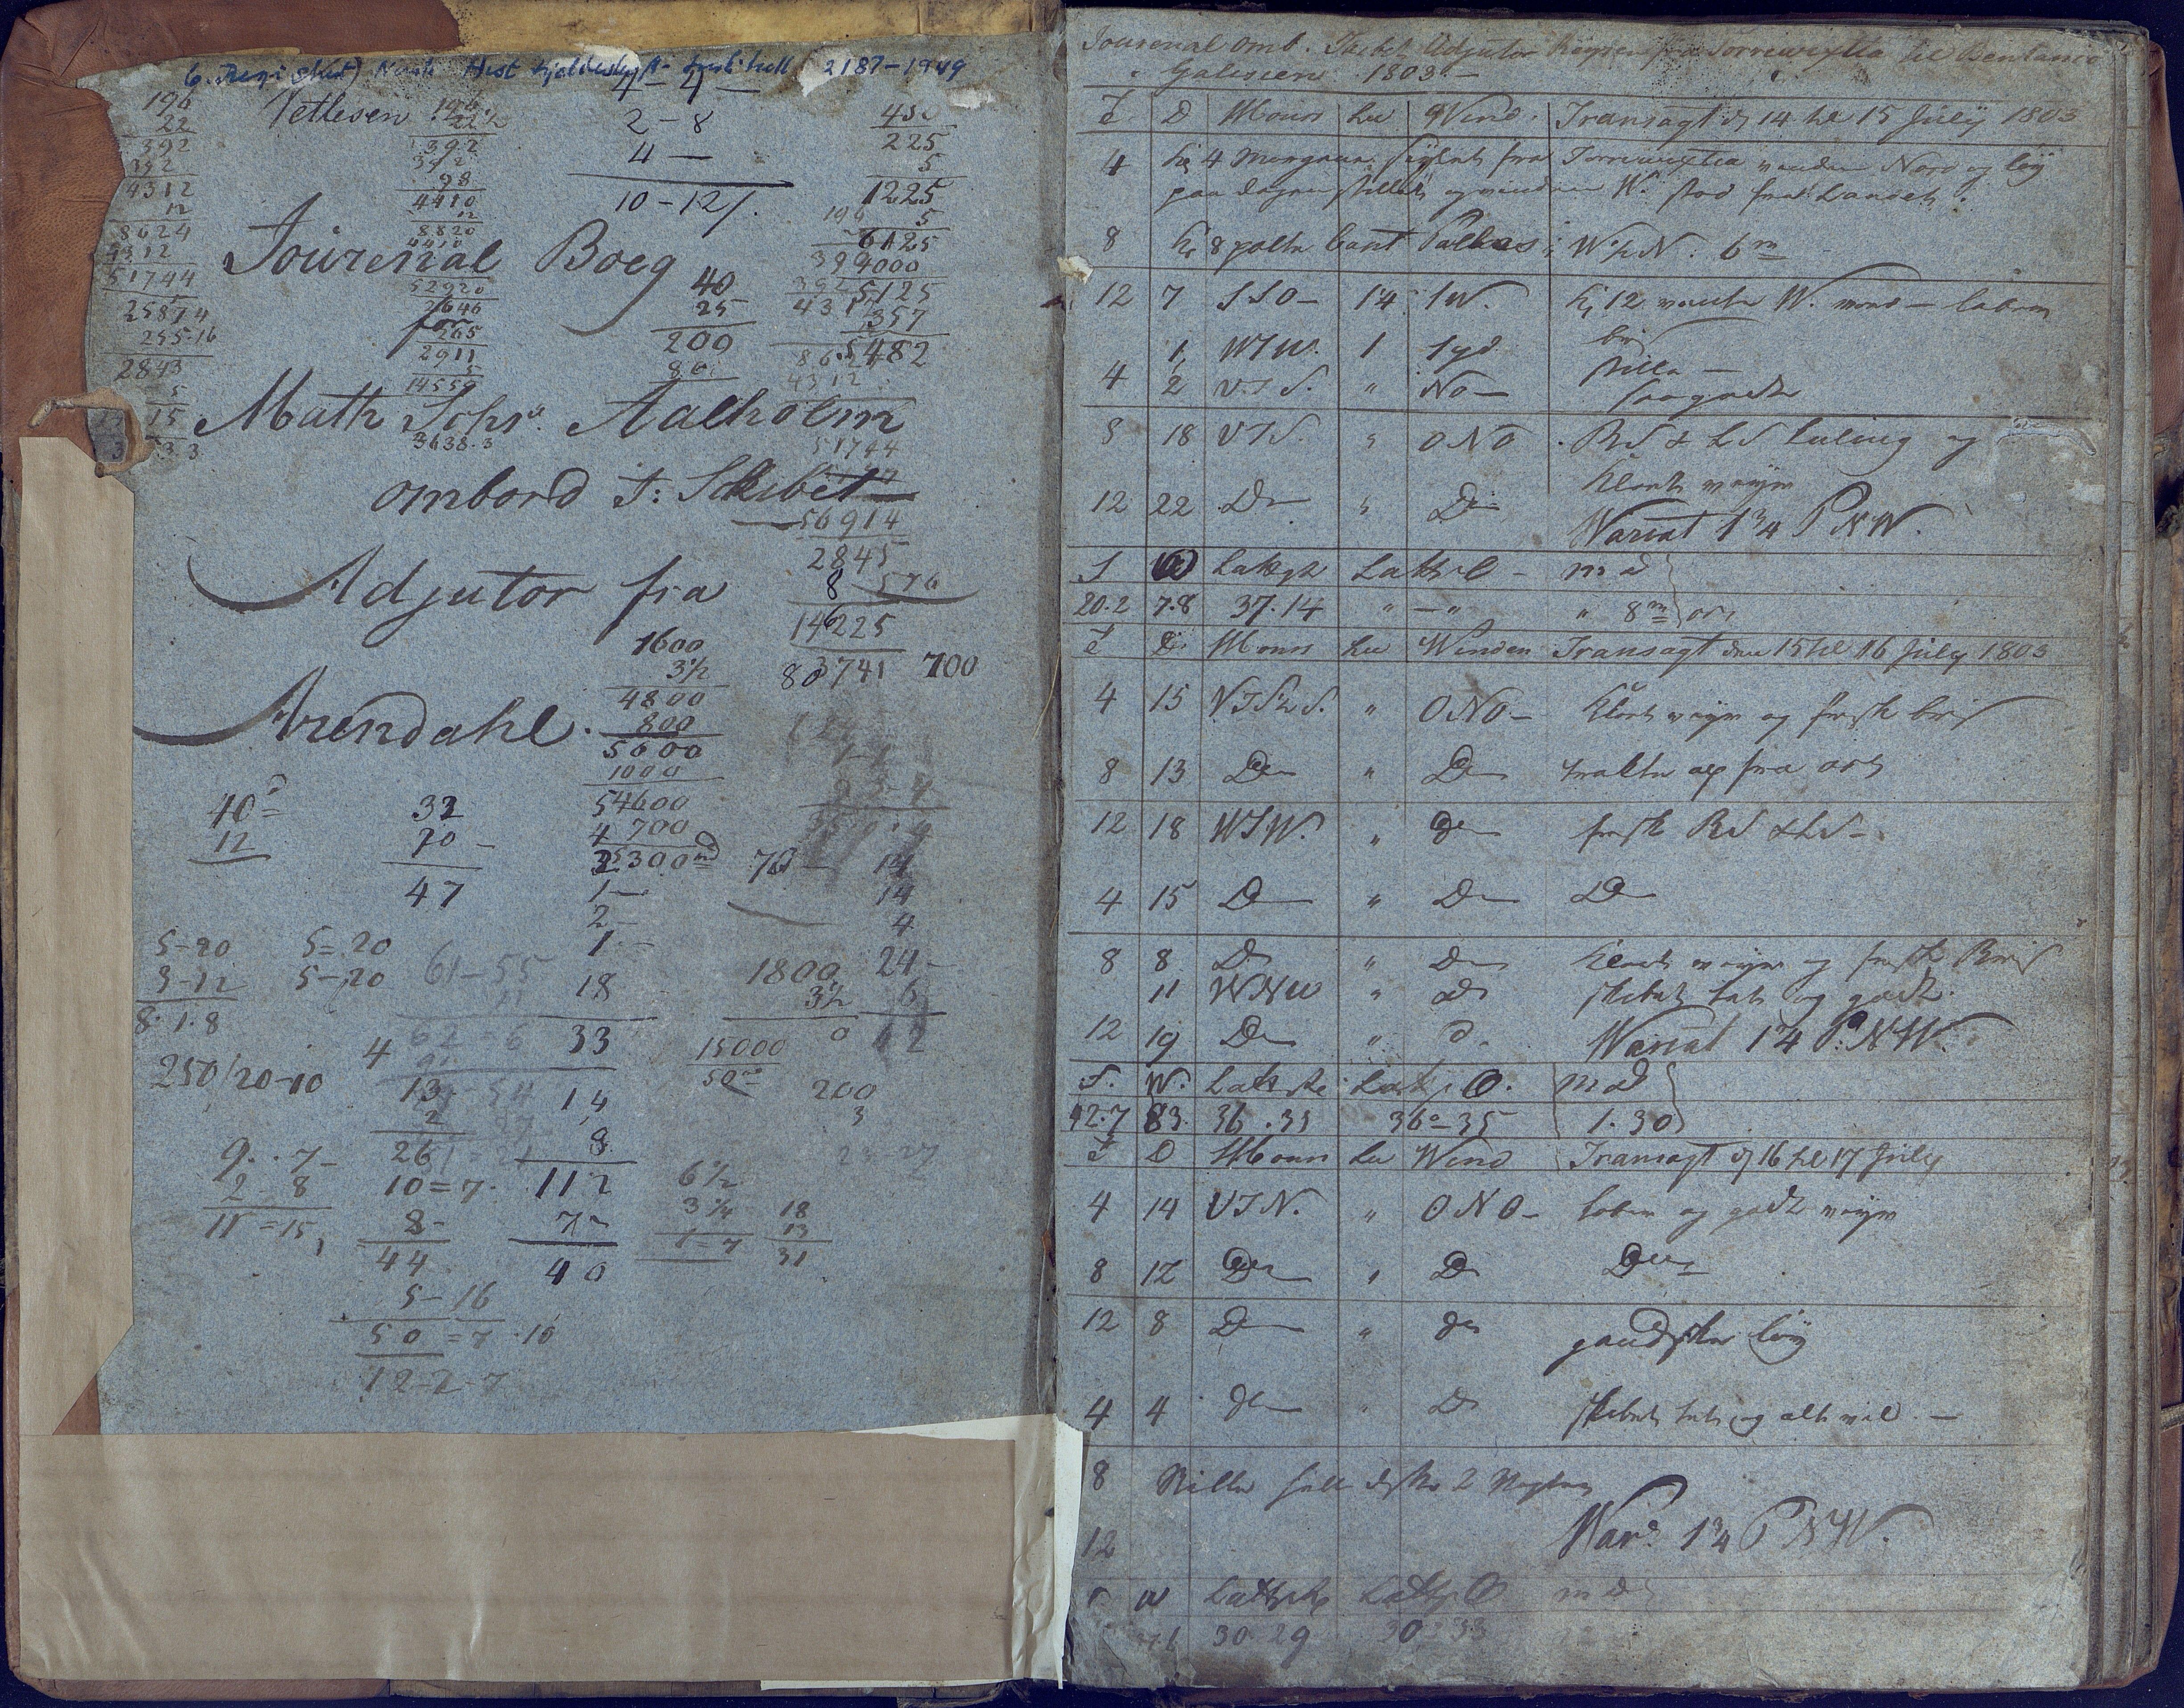 AAKS, Fartøysarkivet, F/L0006: Adjutor (båttype ikke oppgitt), 1803-1806